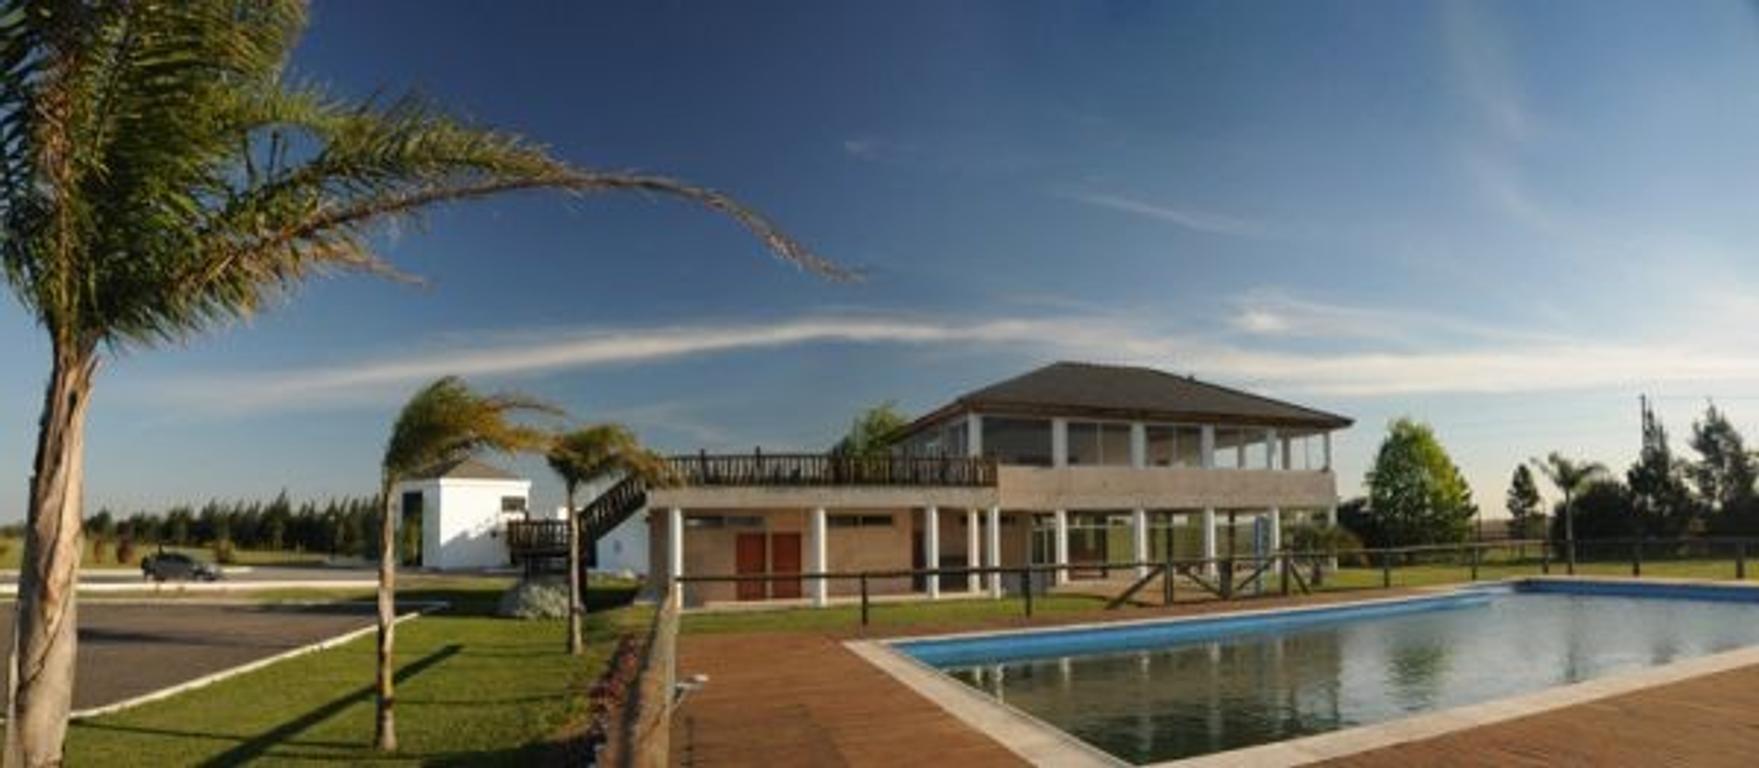 Vendo lote 840m2 lugar privilegiado en barrio cerrado Malibú